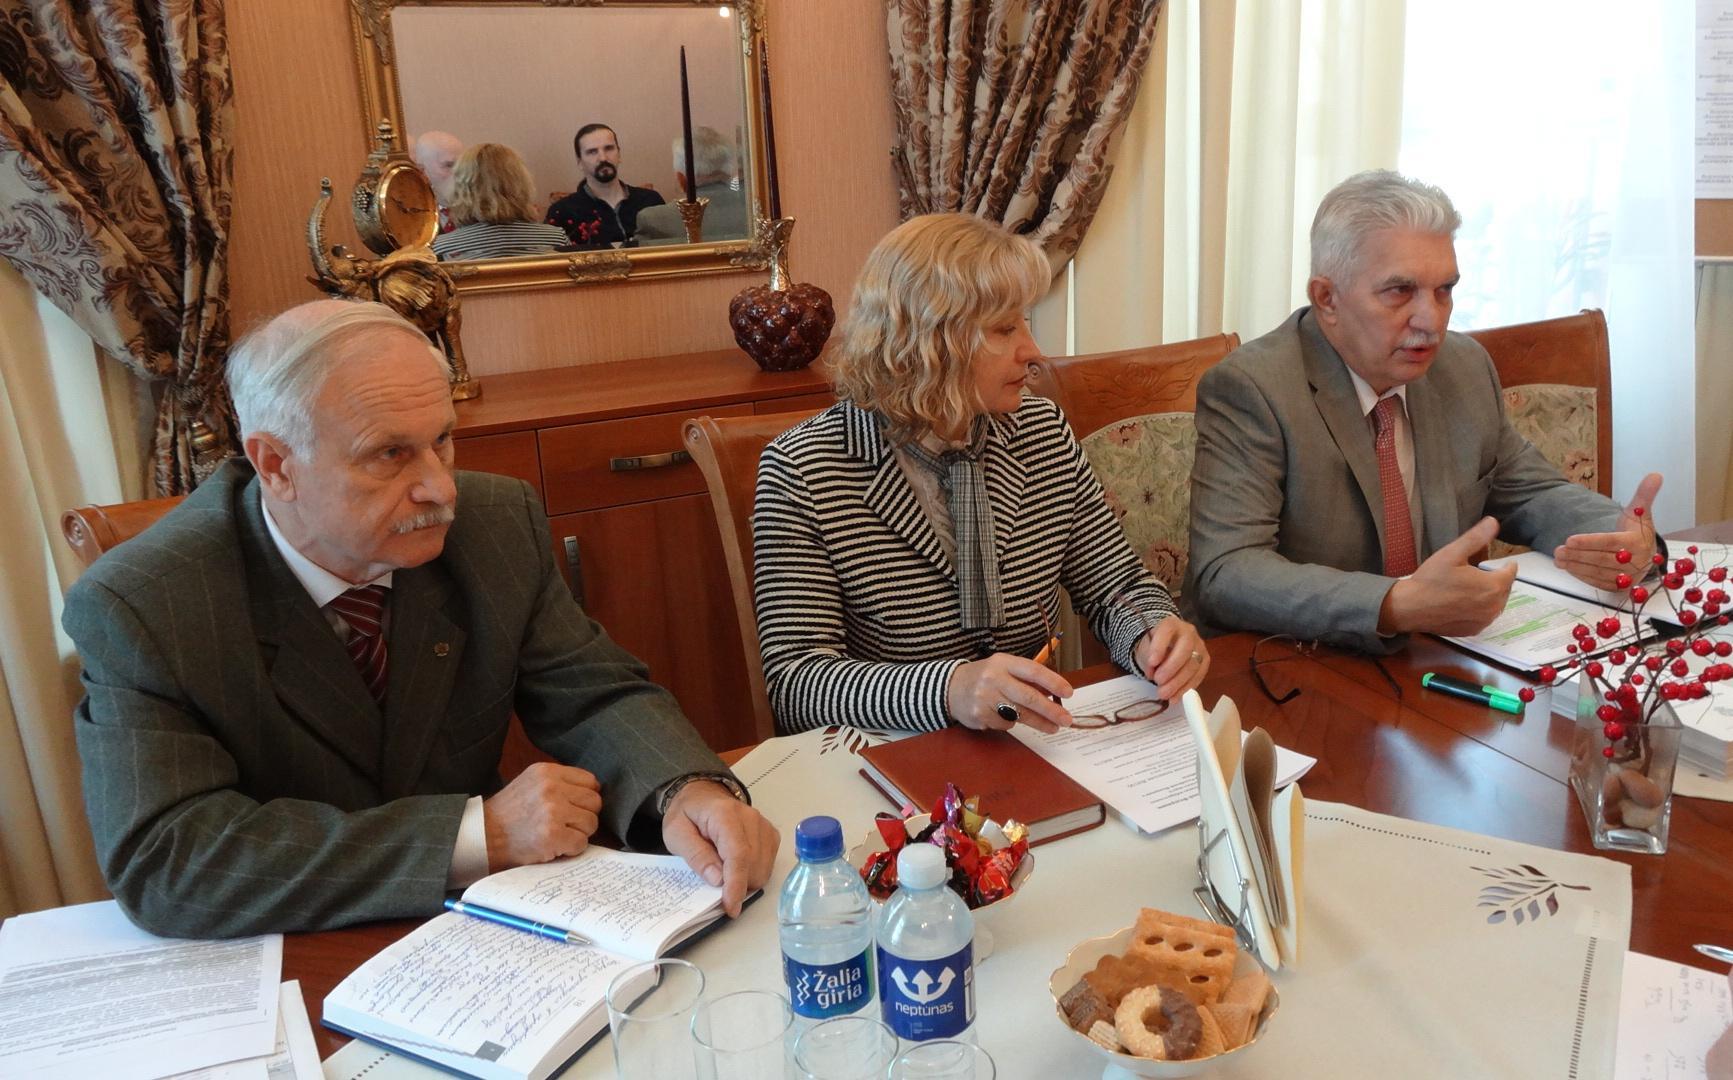 Проживающие вЛитве жители России смогут проголосовать надумских выборах